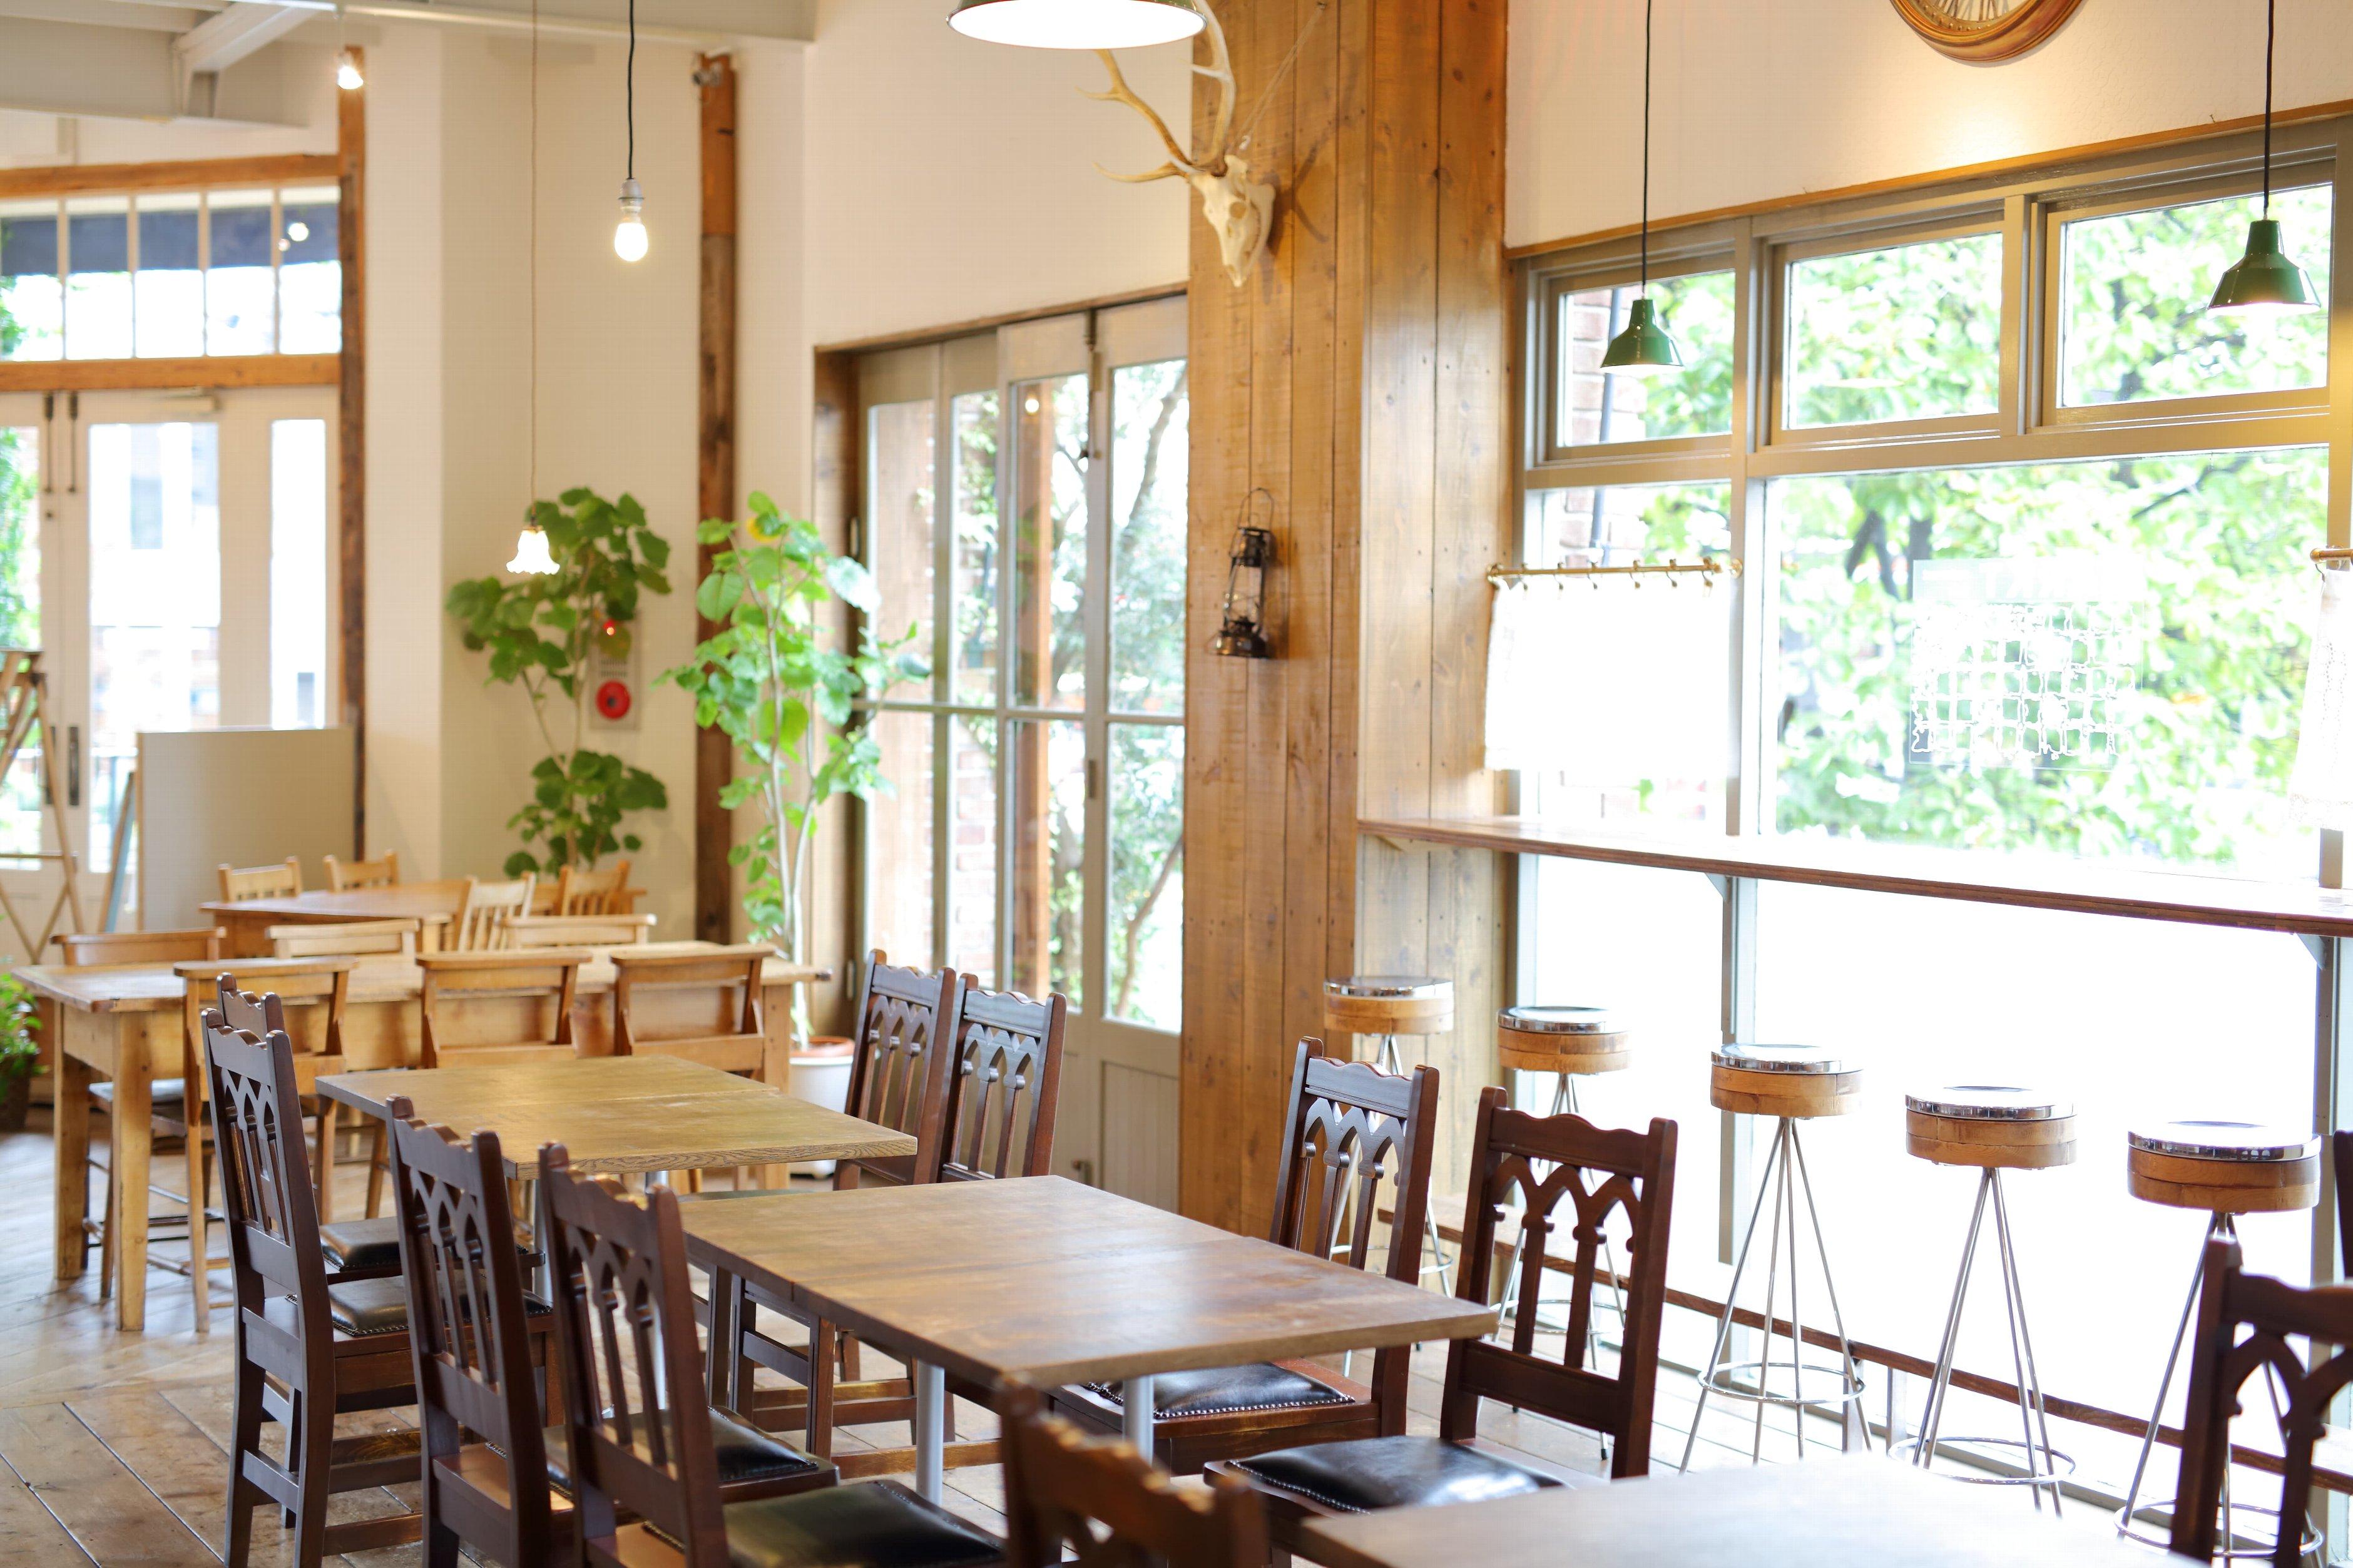 ワンルームの部屋をカフェ風インテリアでかわいくアレンジしよう